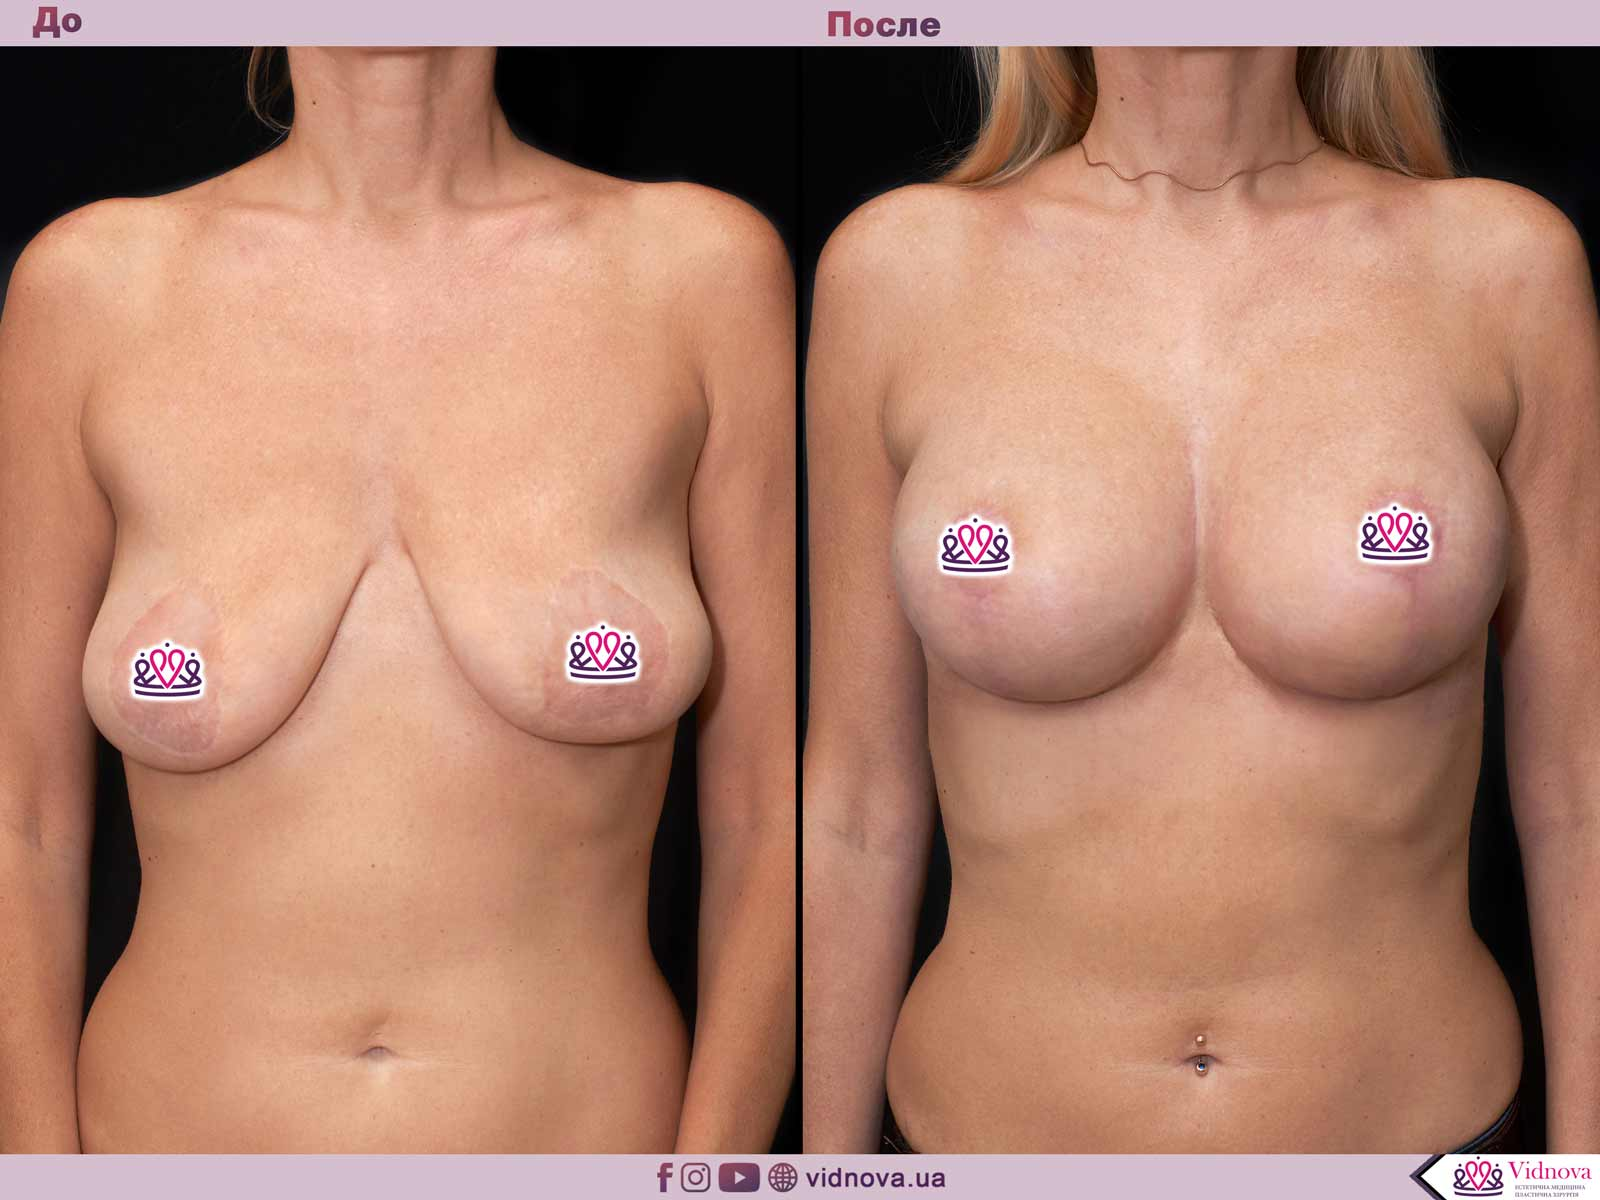 Пластика груди: результаты до и после - Пример №59-0 - Светлана Работенко